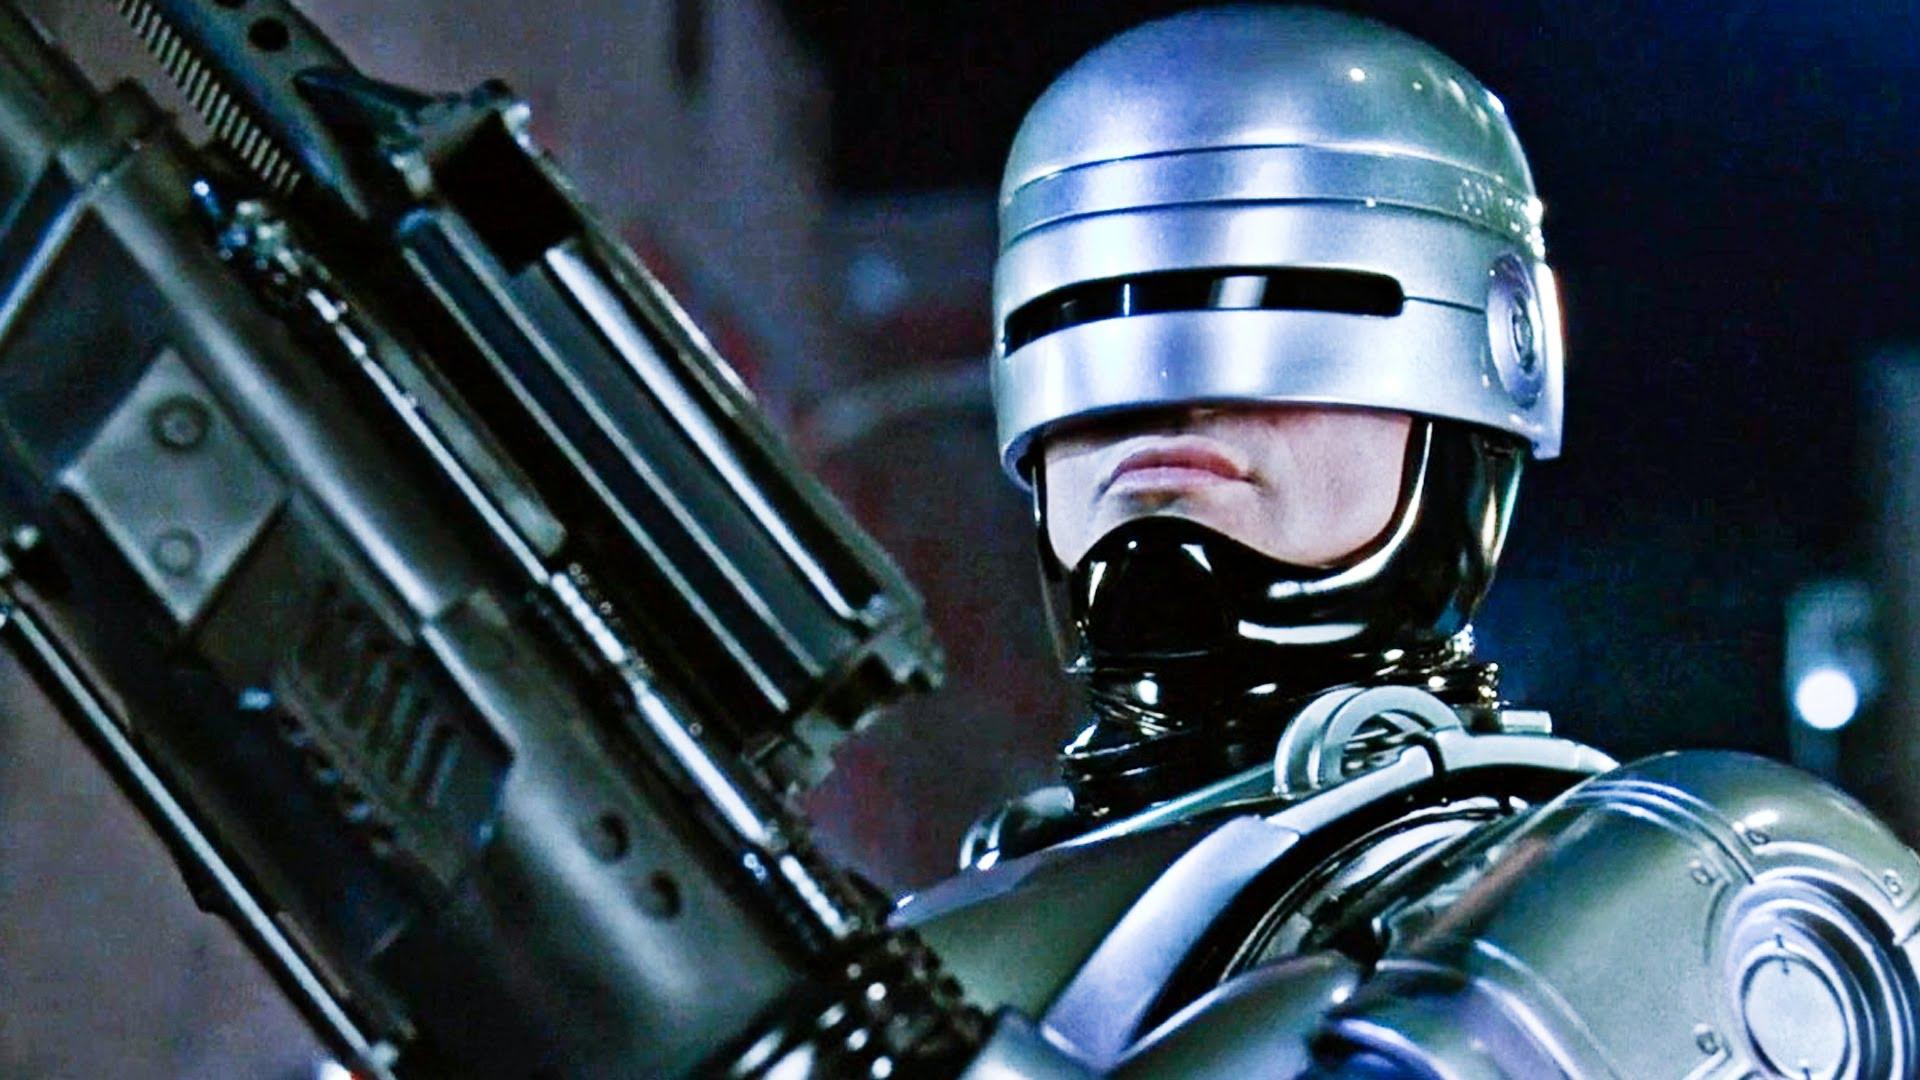 Dubai unveils plans to enlist robot cops